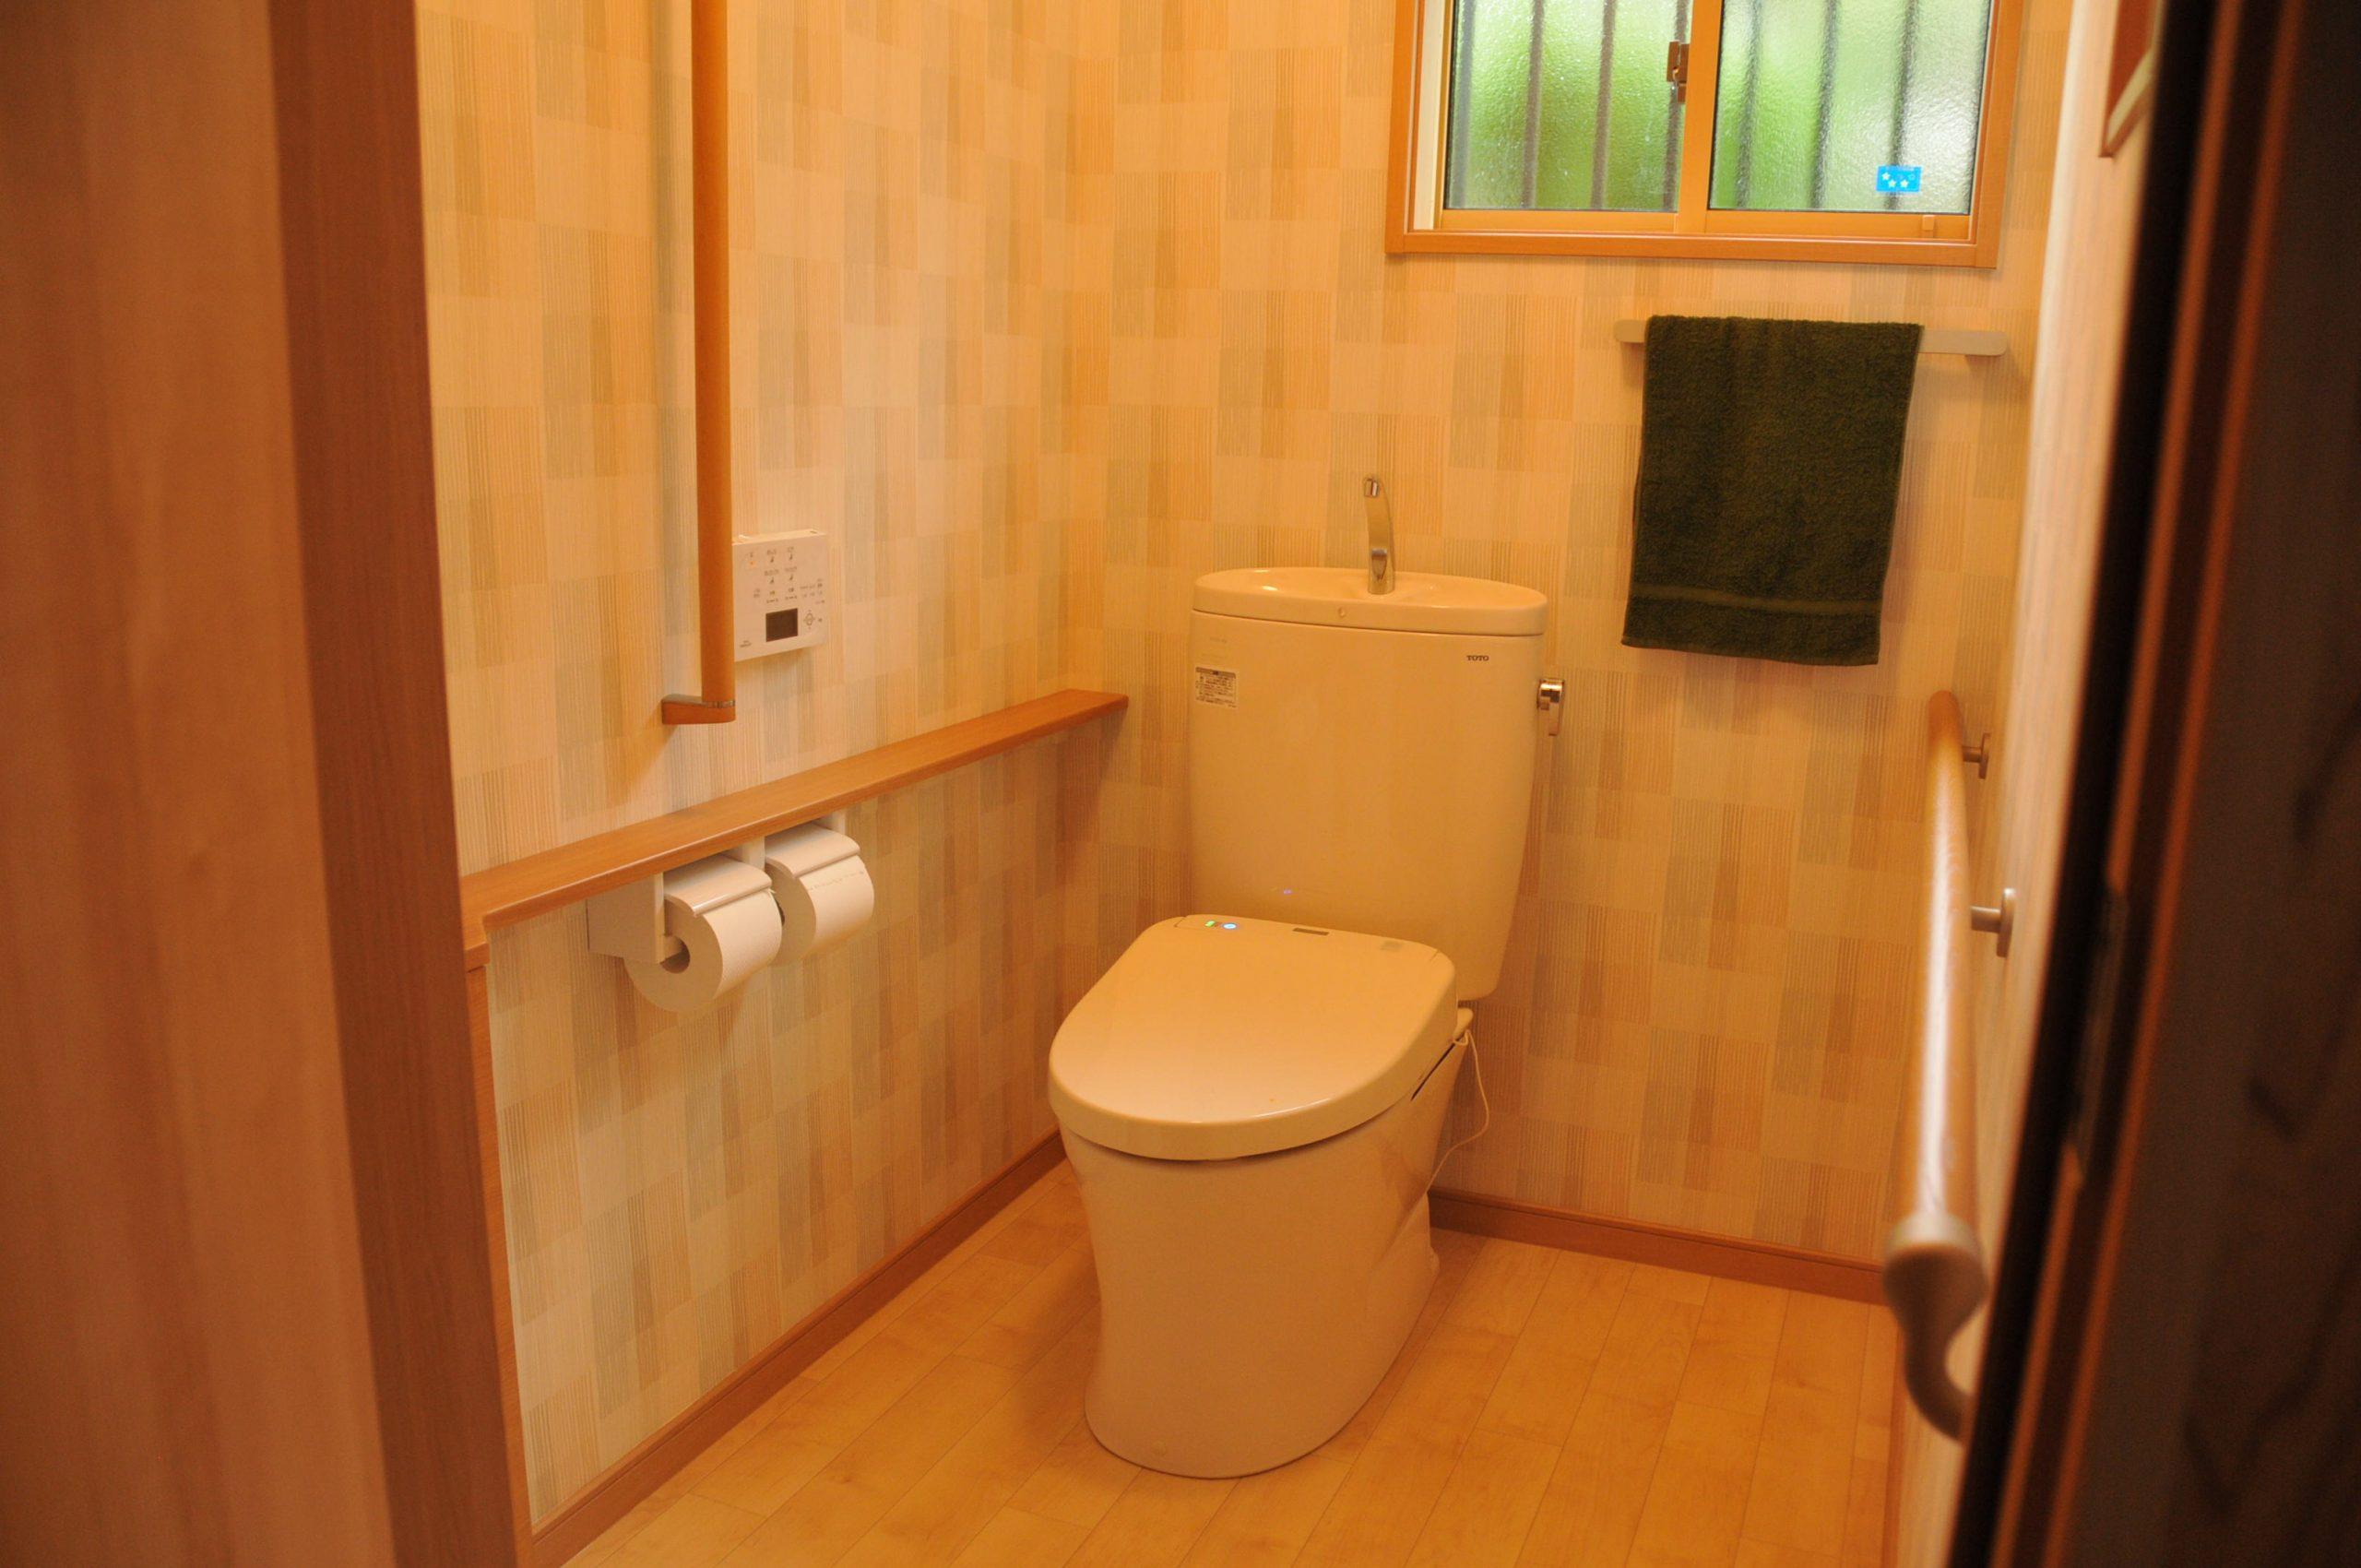 【トイレ】0.5帖分増築し、広いトイレとなりました。